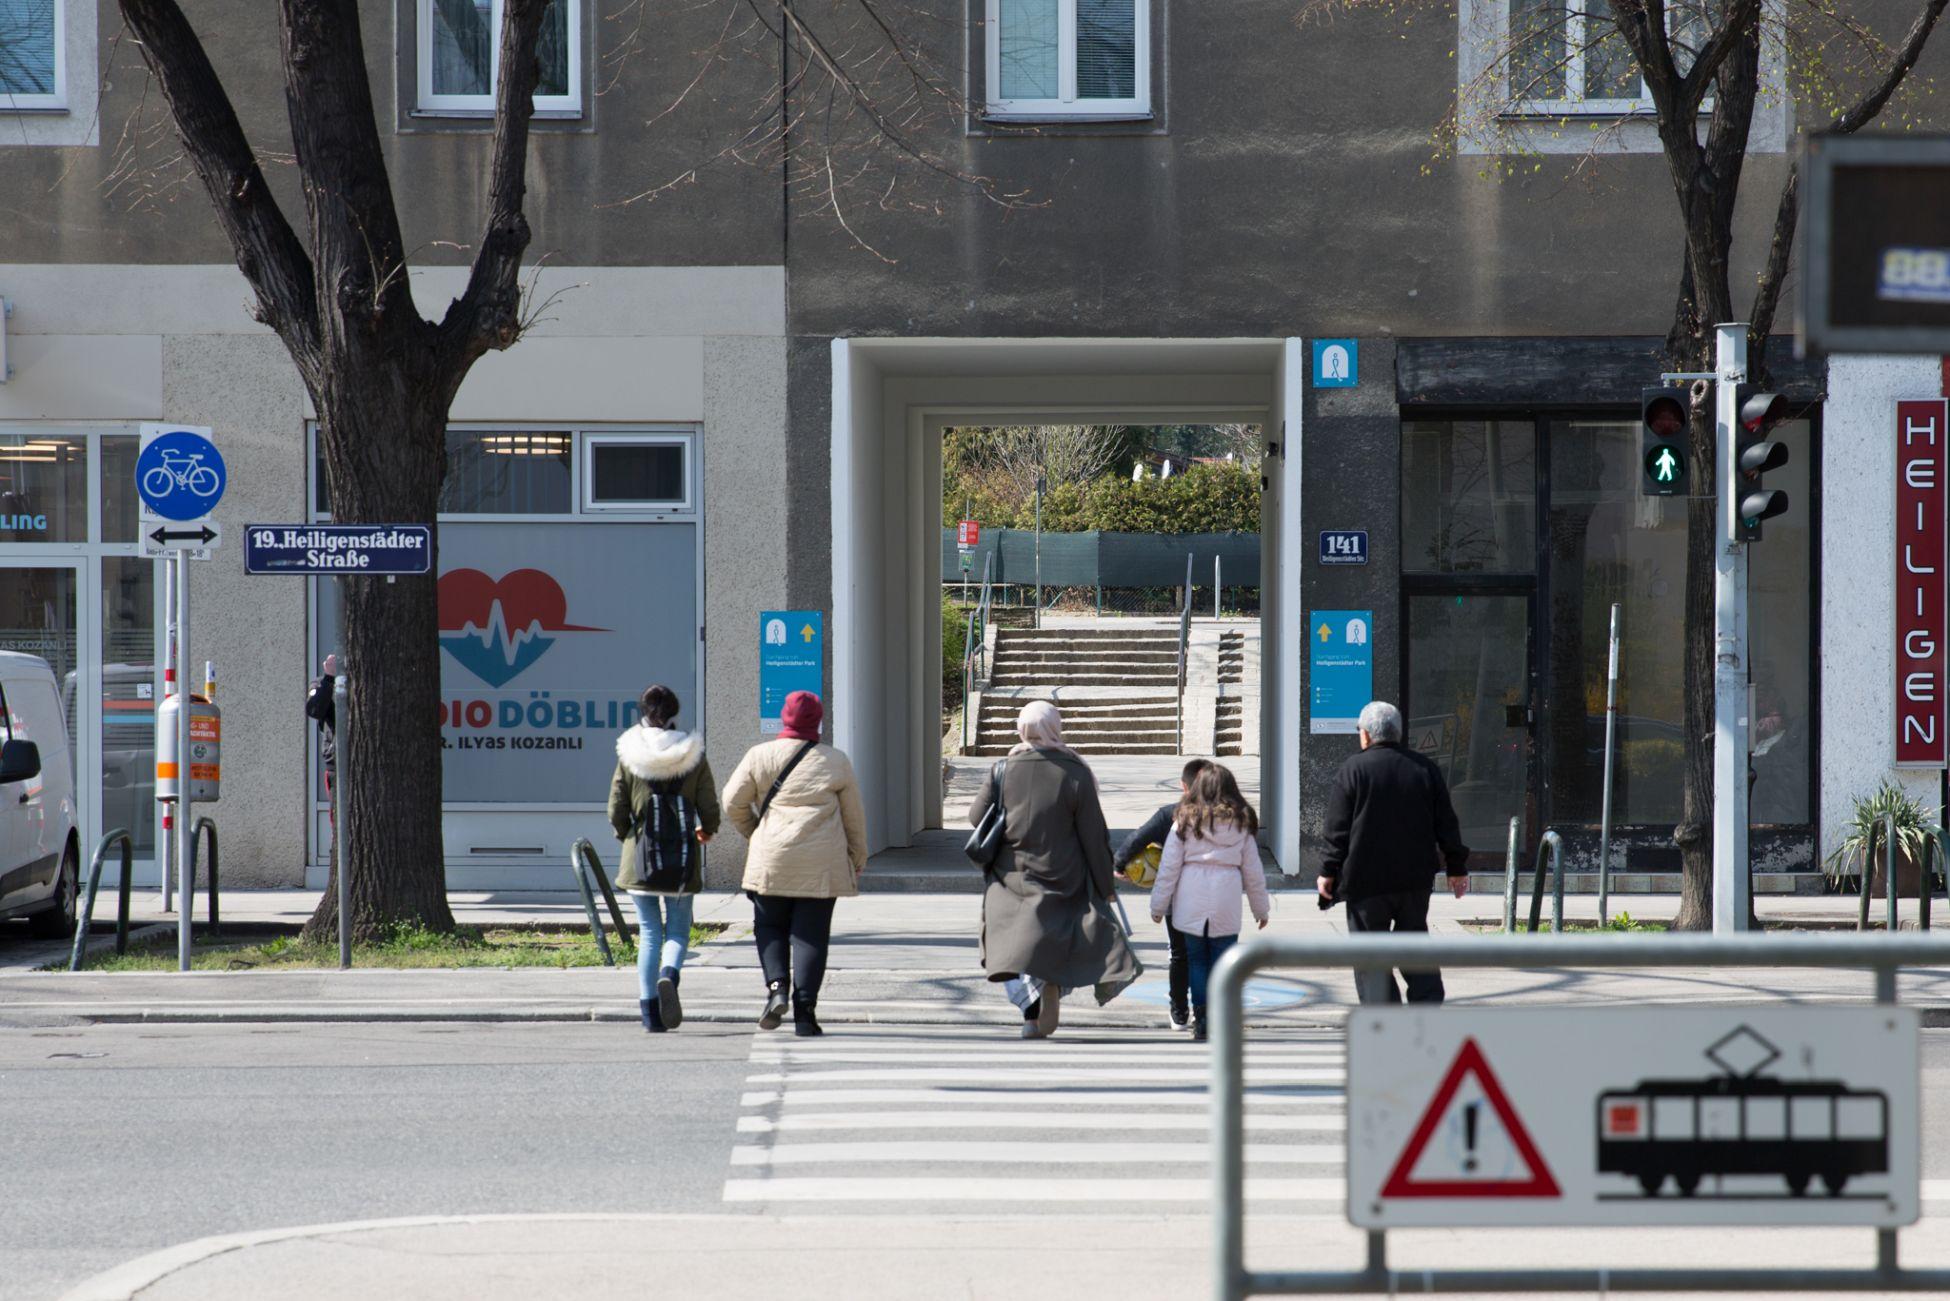 Öffentlicher Durchgang in der Heiligenstädter Straße in Döbling. Er ist mit blauen Schildern markiert.